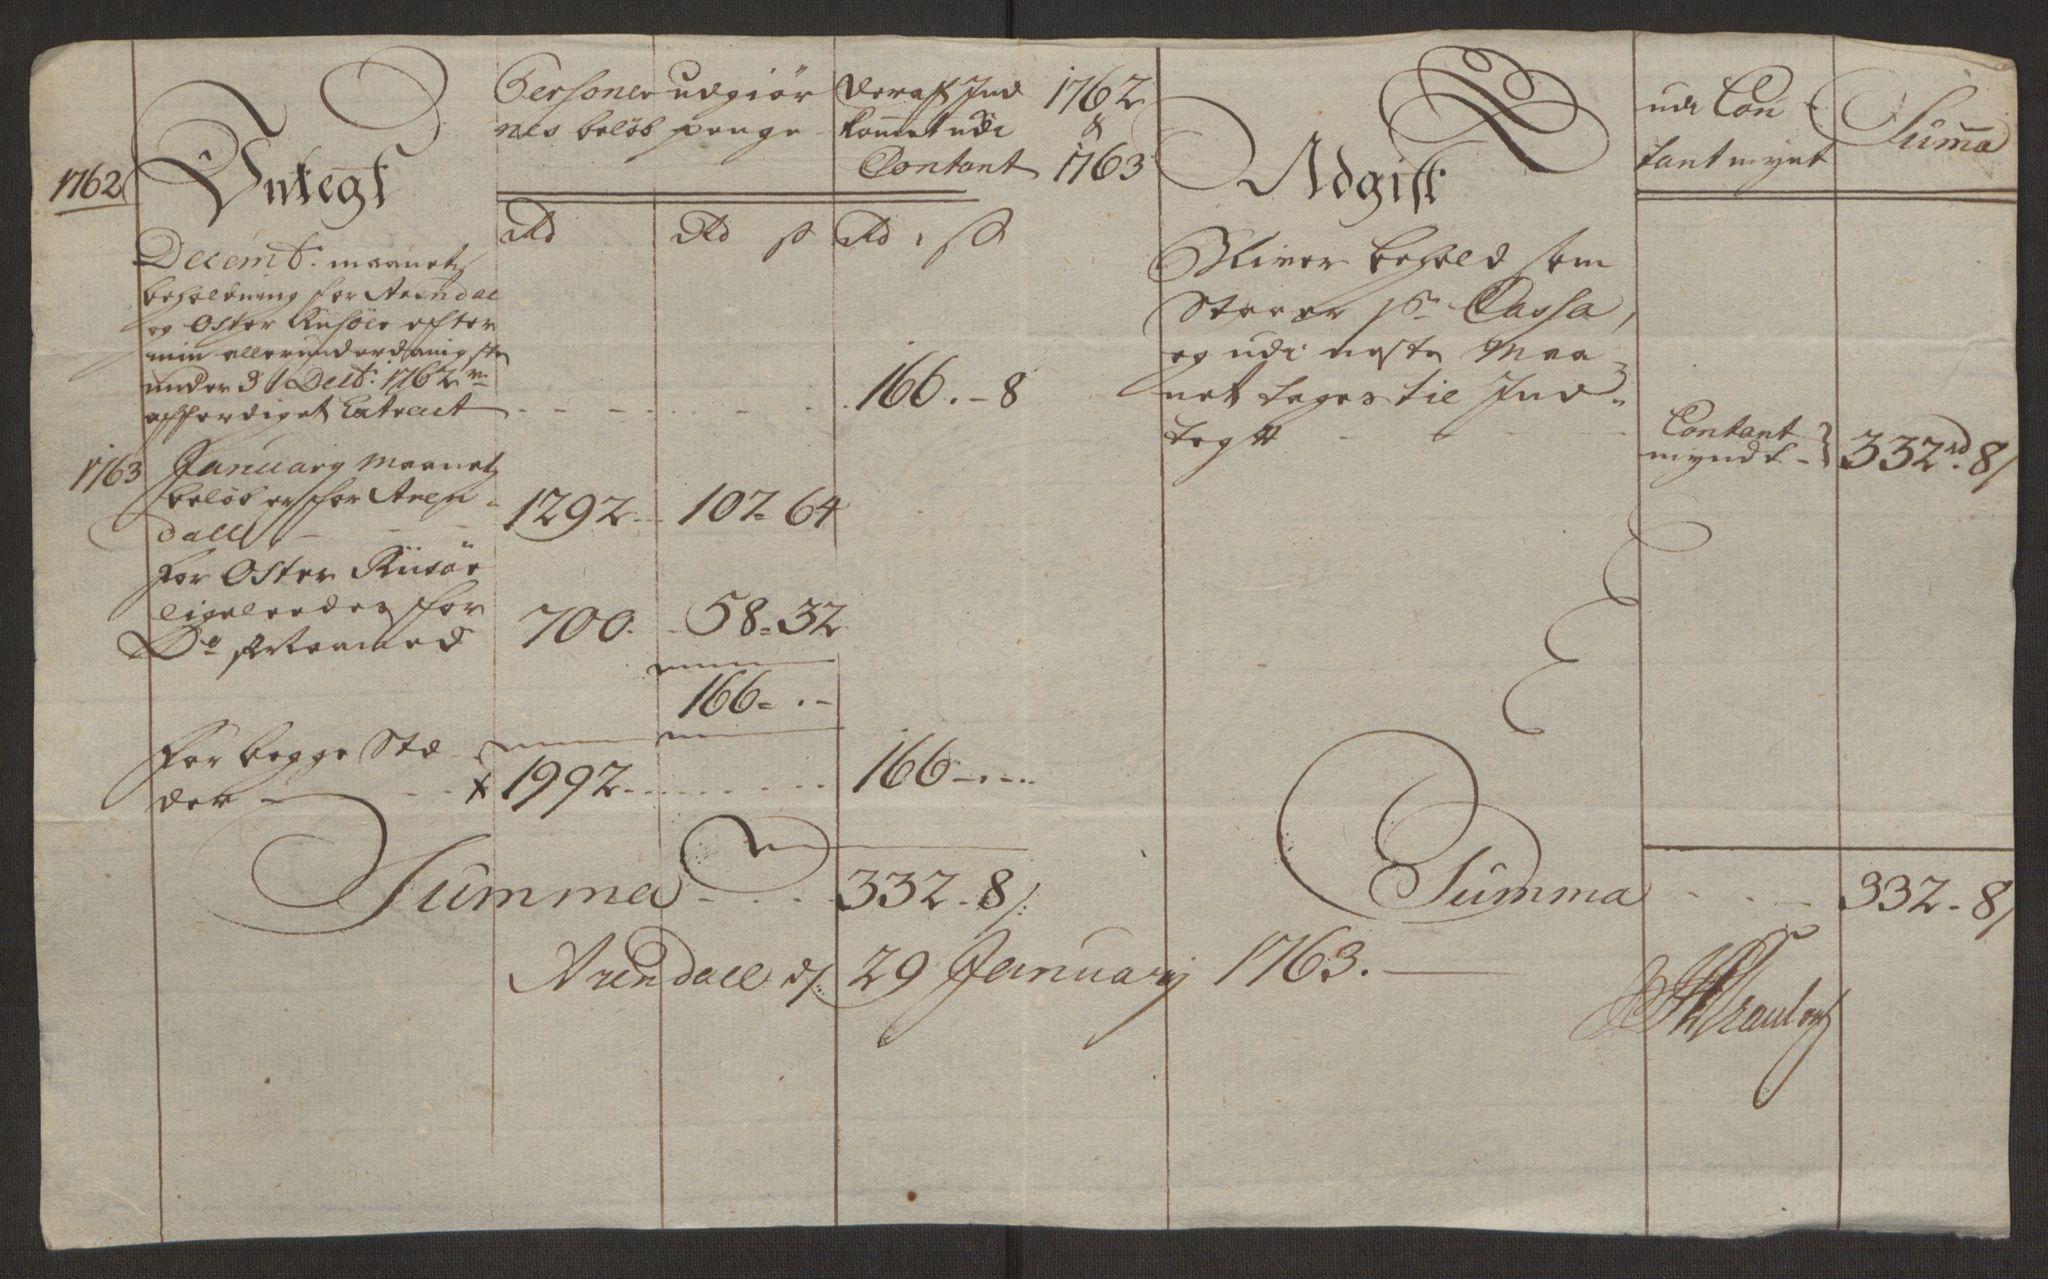 RA, Rentekammeret inntil 1814, Reviderte regnskaper, Byregnskaper, R/Rl/L0230: [L4] Kontribusjonsregnskap, 1762-1764, s. 134